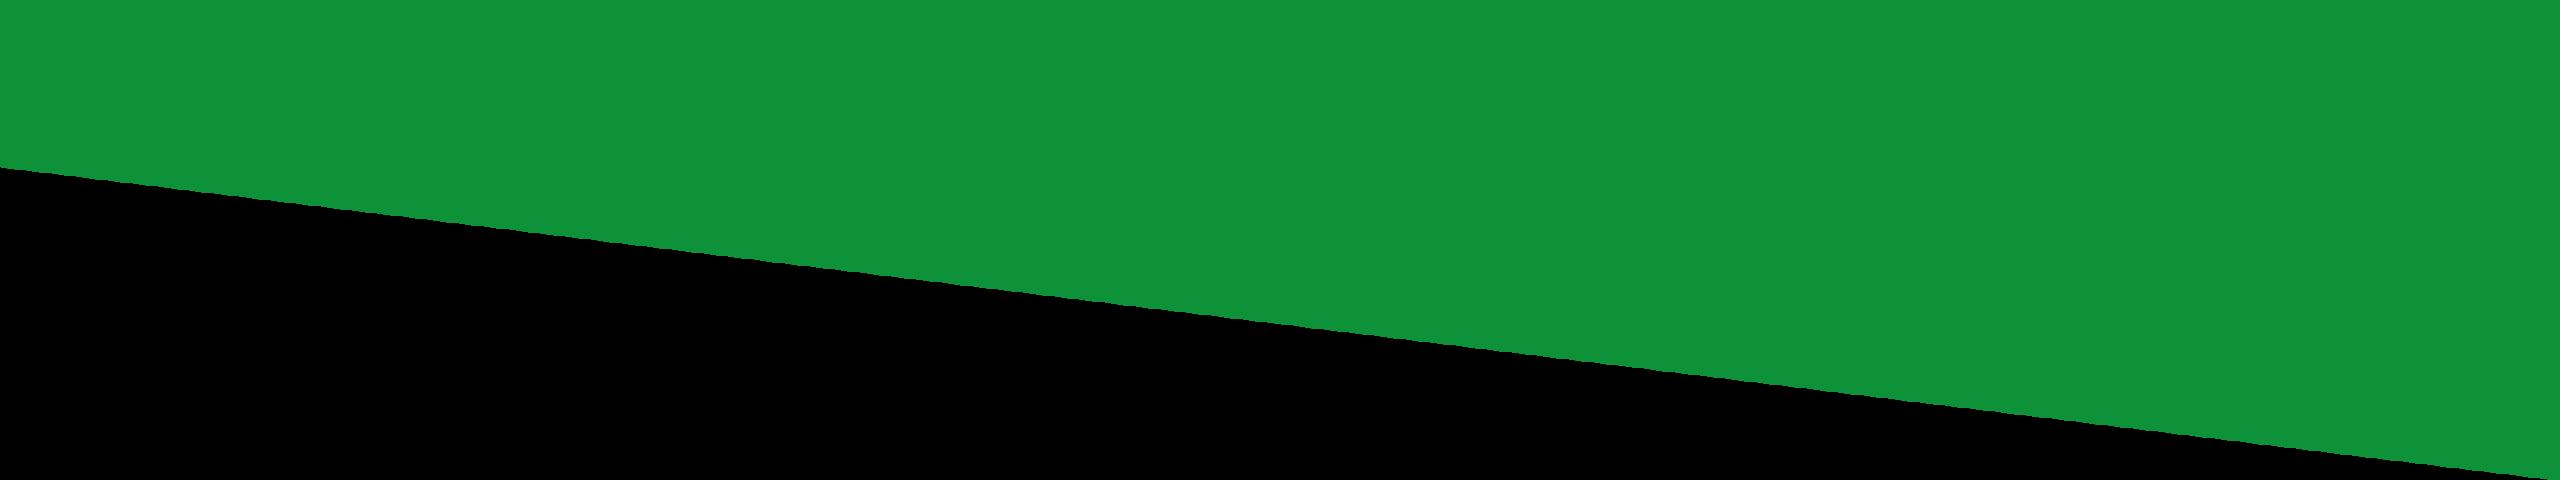 scheidinggroen-3